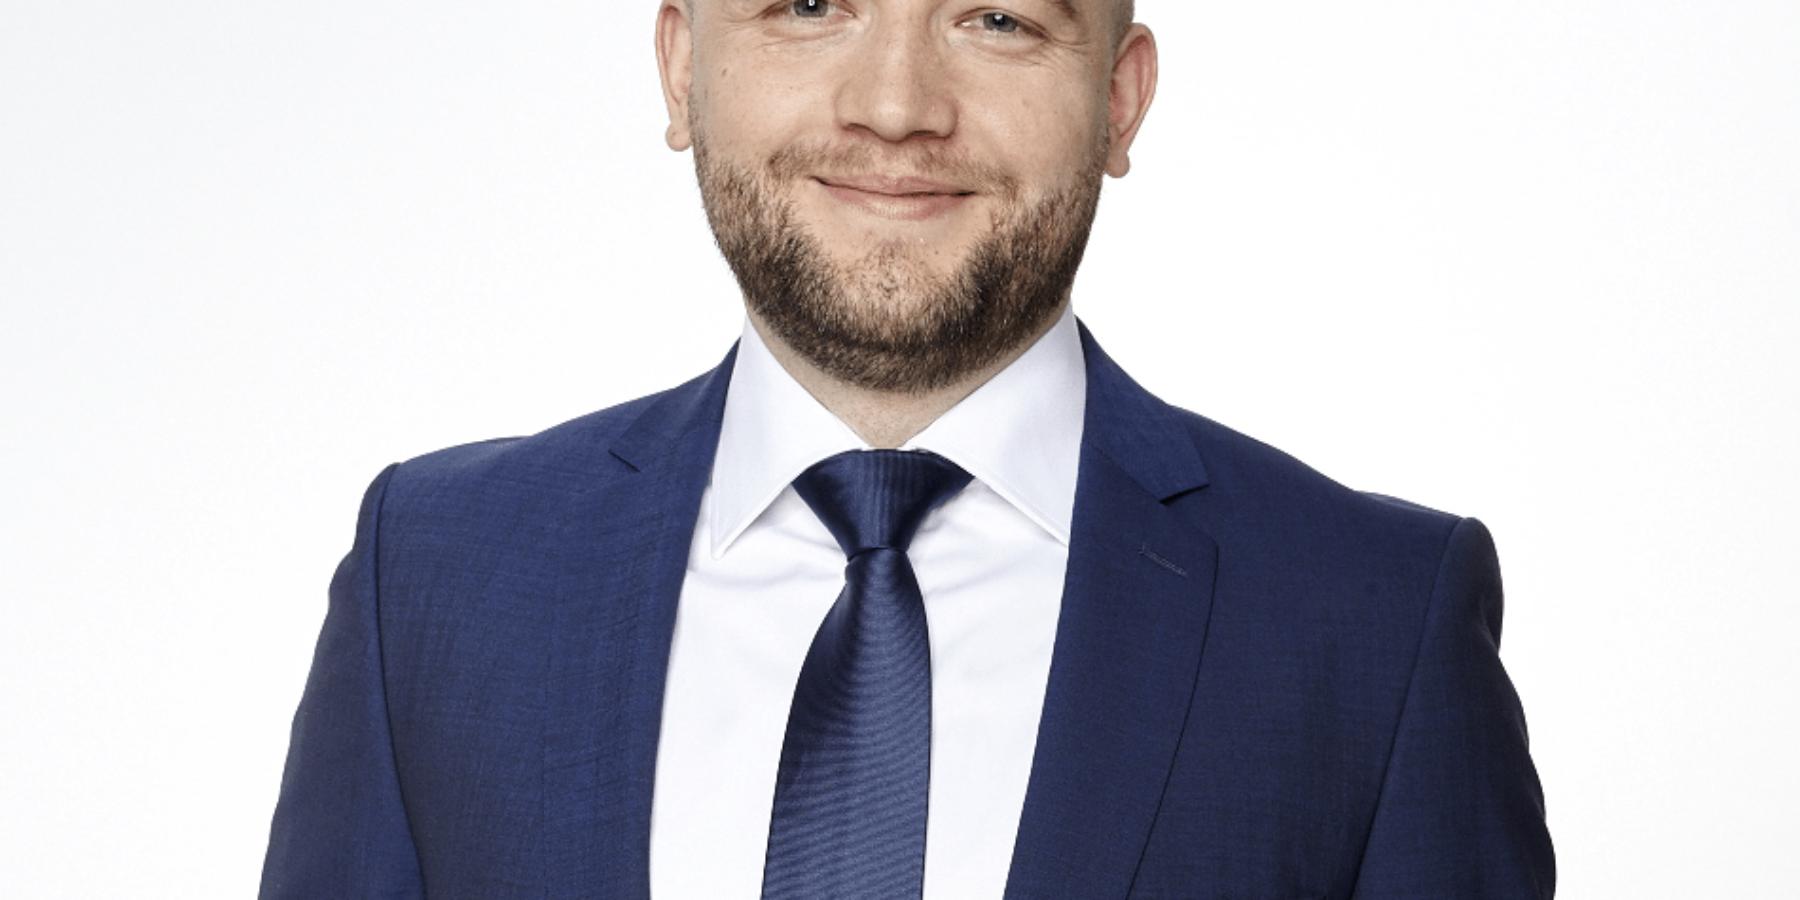 Bartek Pucek, Onet-RASP: Nieinteresuje mnie konkurencja. Interesuje mnie użytkownik